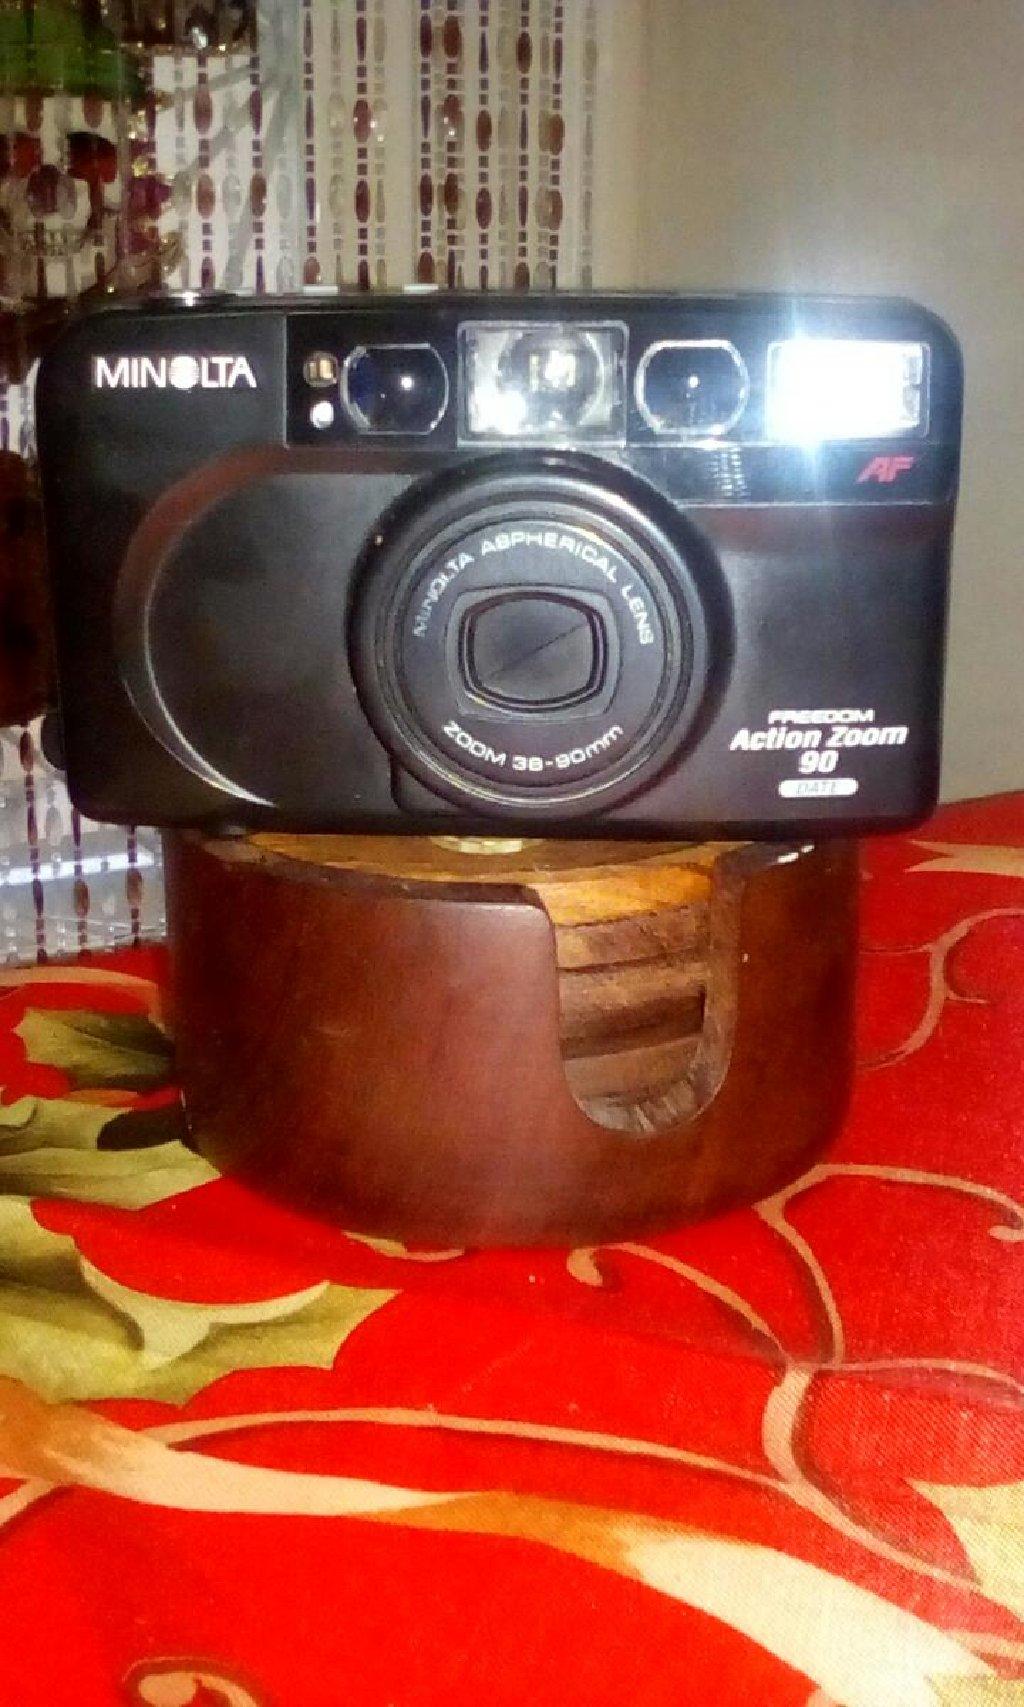 Φωτογραφικη μηχανη με φιλμ, δωρο η θυκη, σε καλη κατασταση